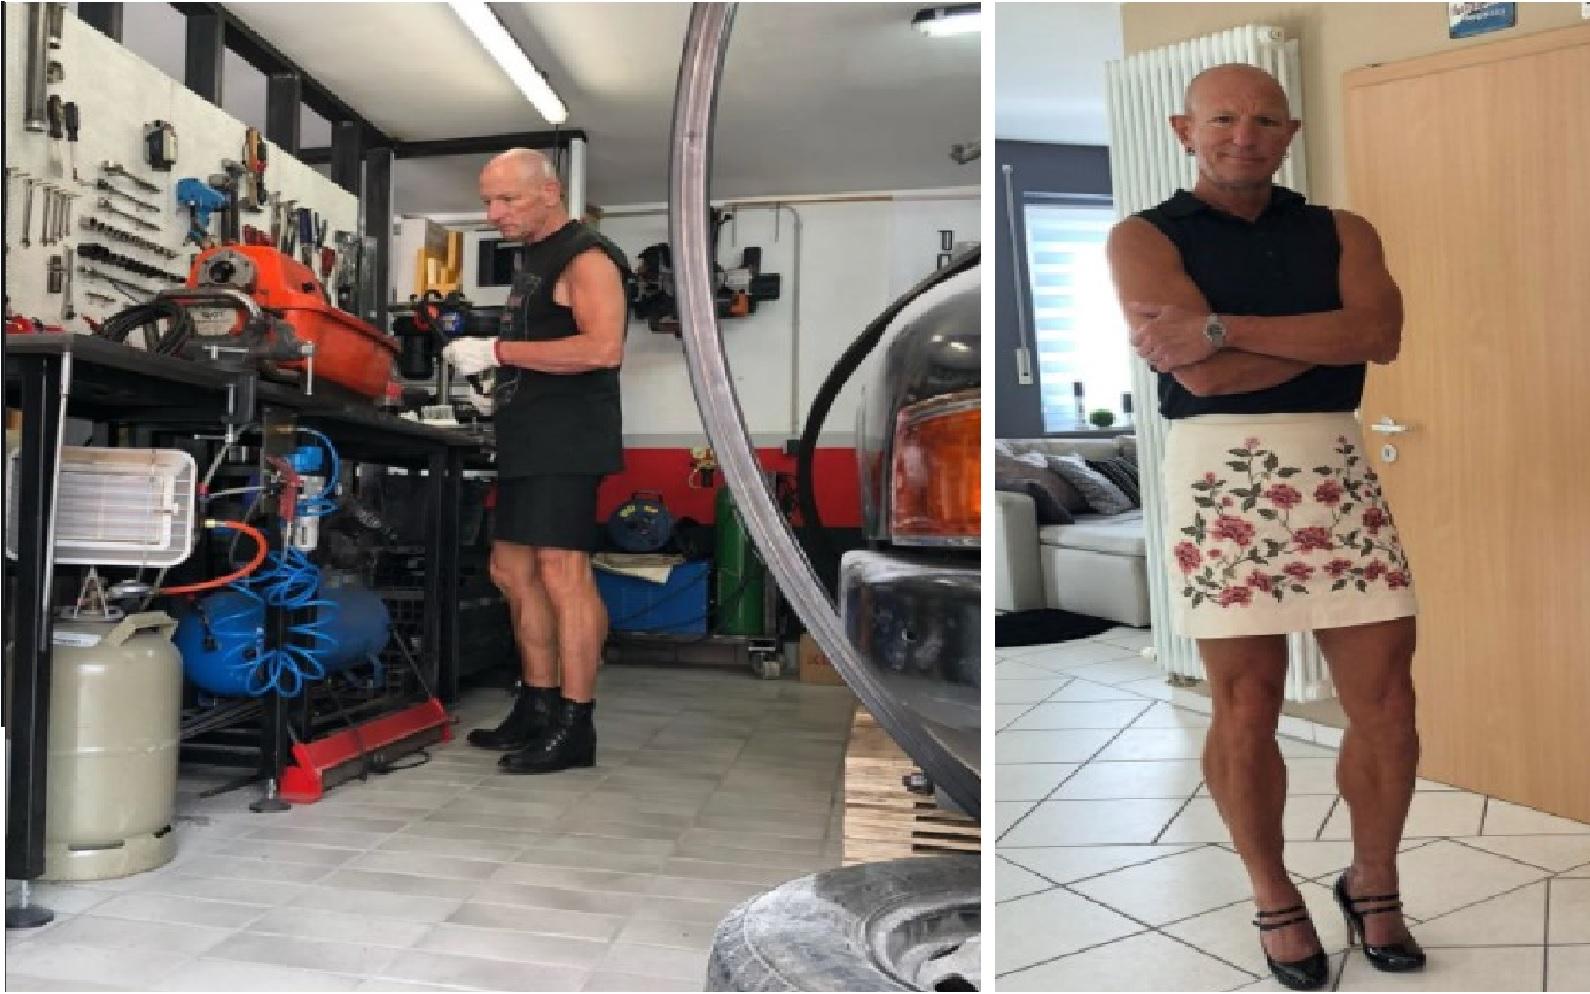 Mark-Bryan-ingeniero-robotico-y-padre-de-familia-que-usa-falda